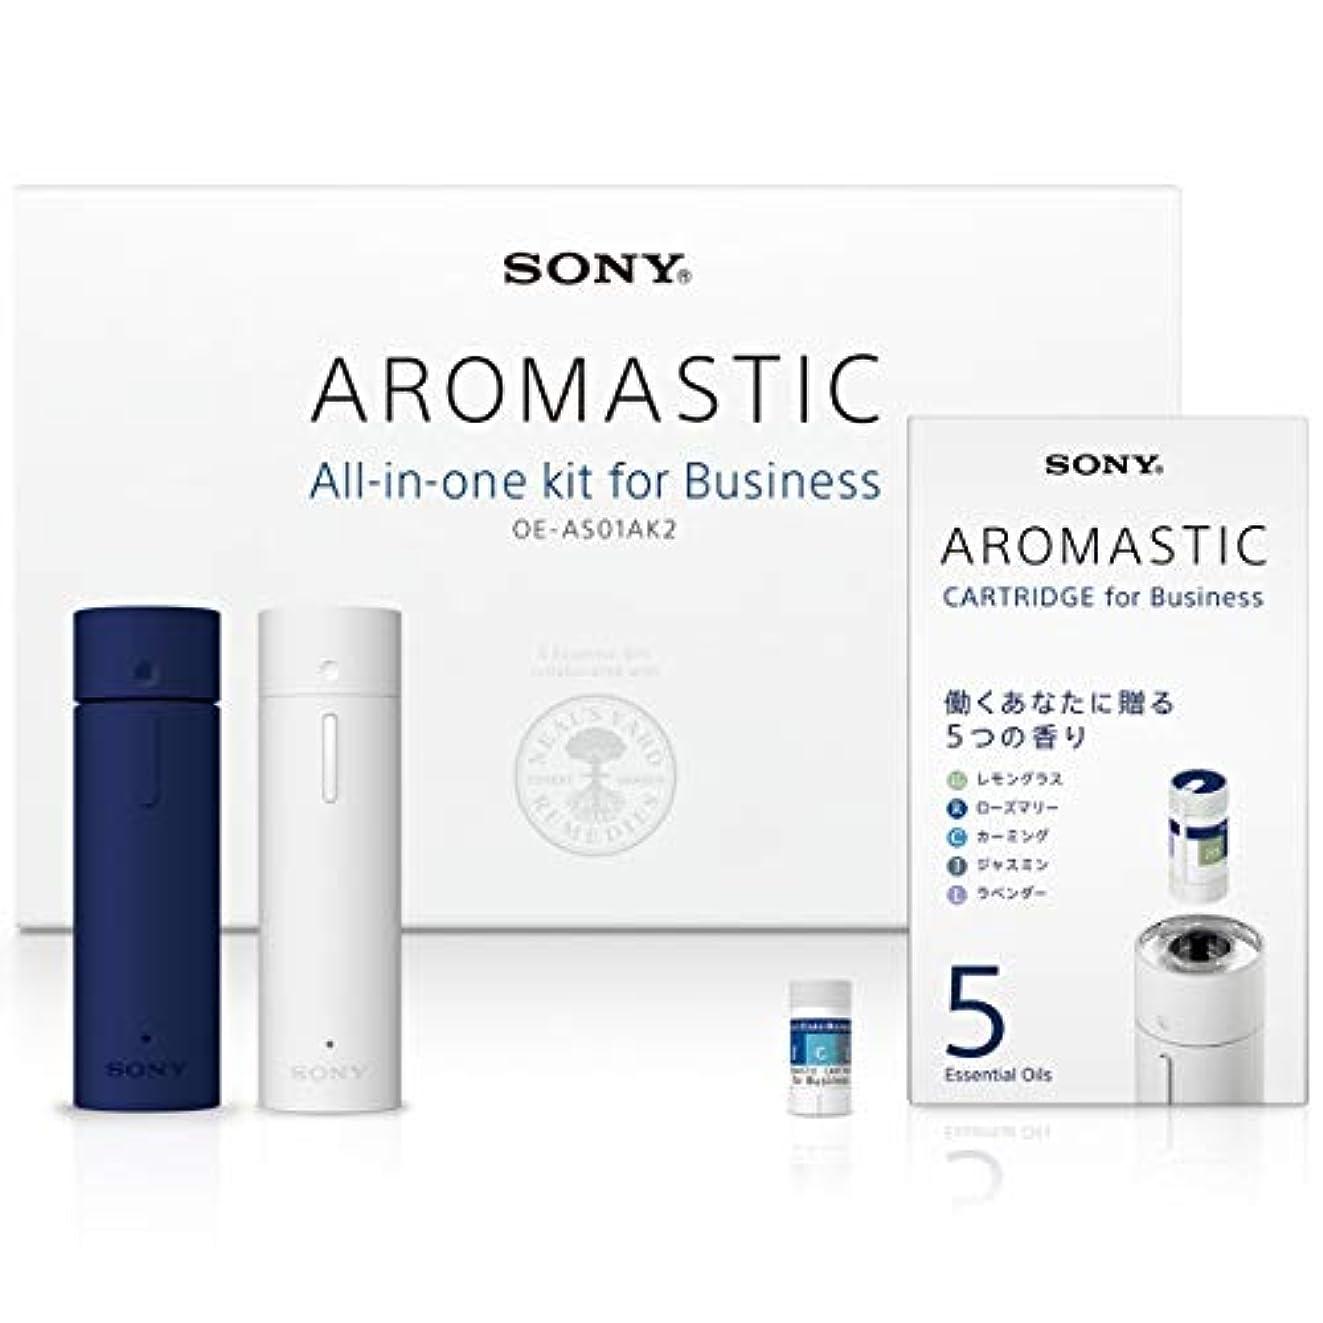 協定可動性交AROMASTIC All-in-one kit for Business (オールインワンキット for Business) OE-AS01AK2